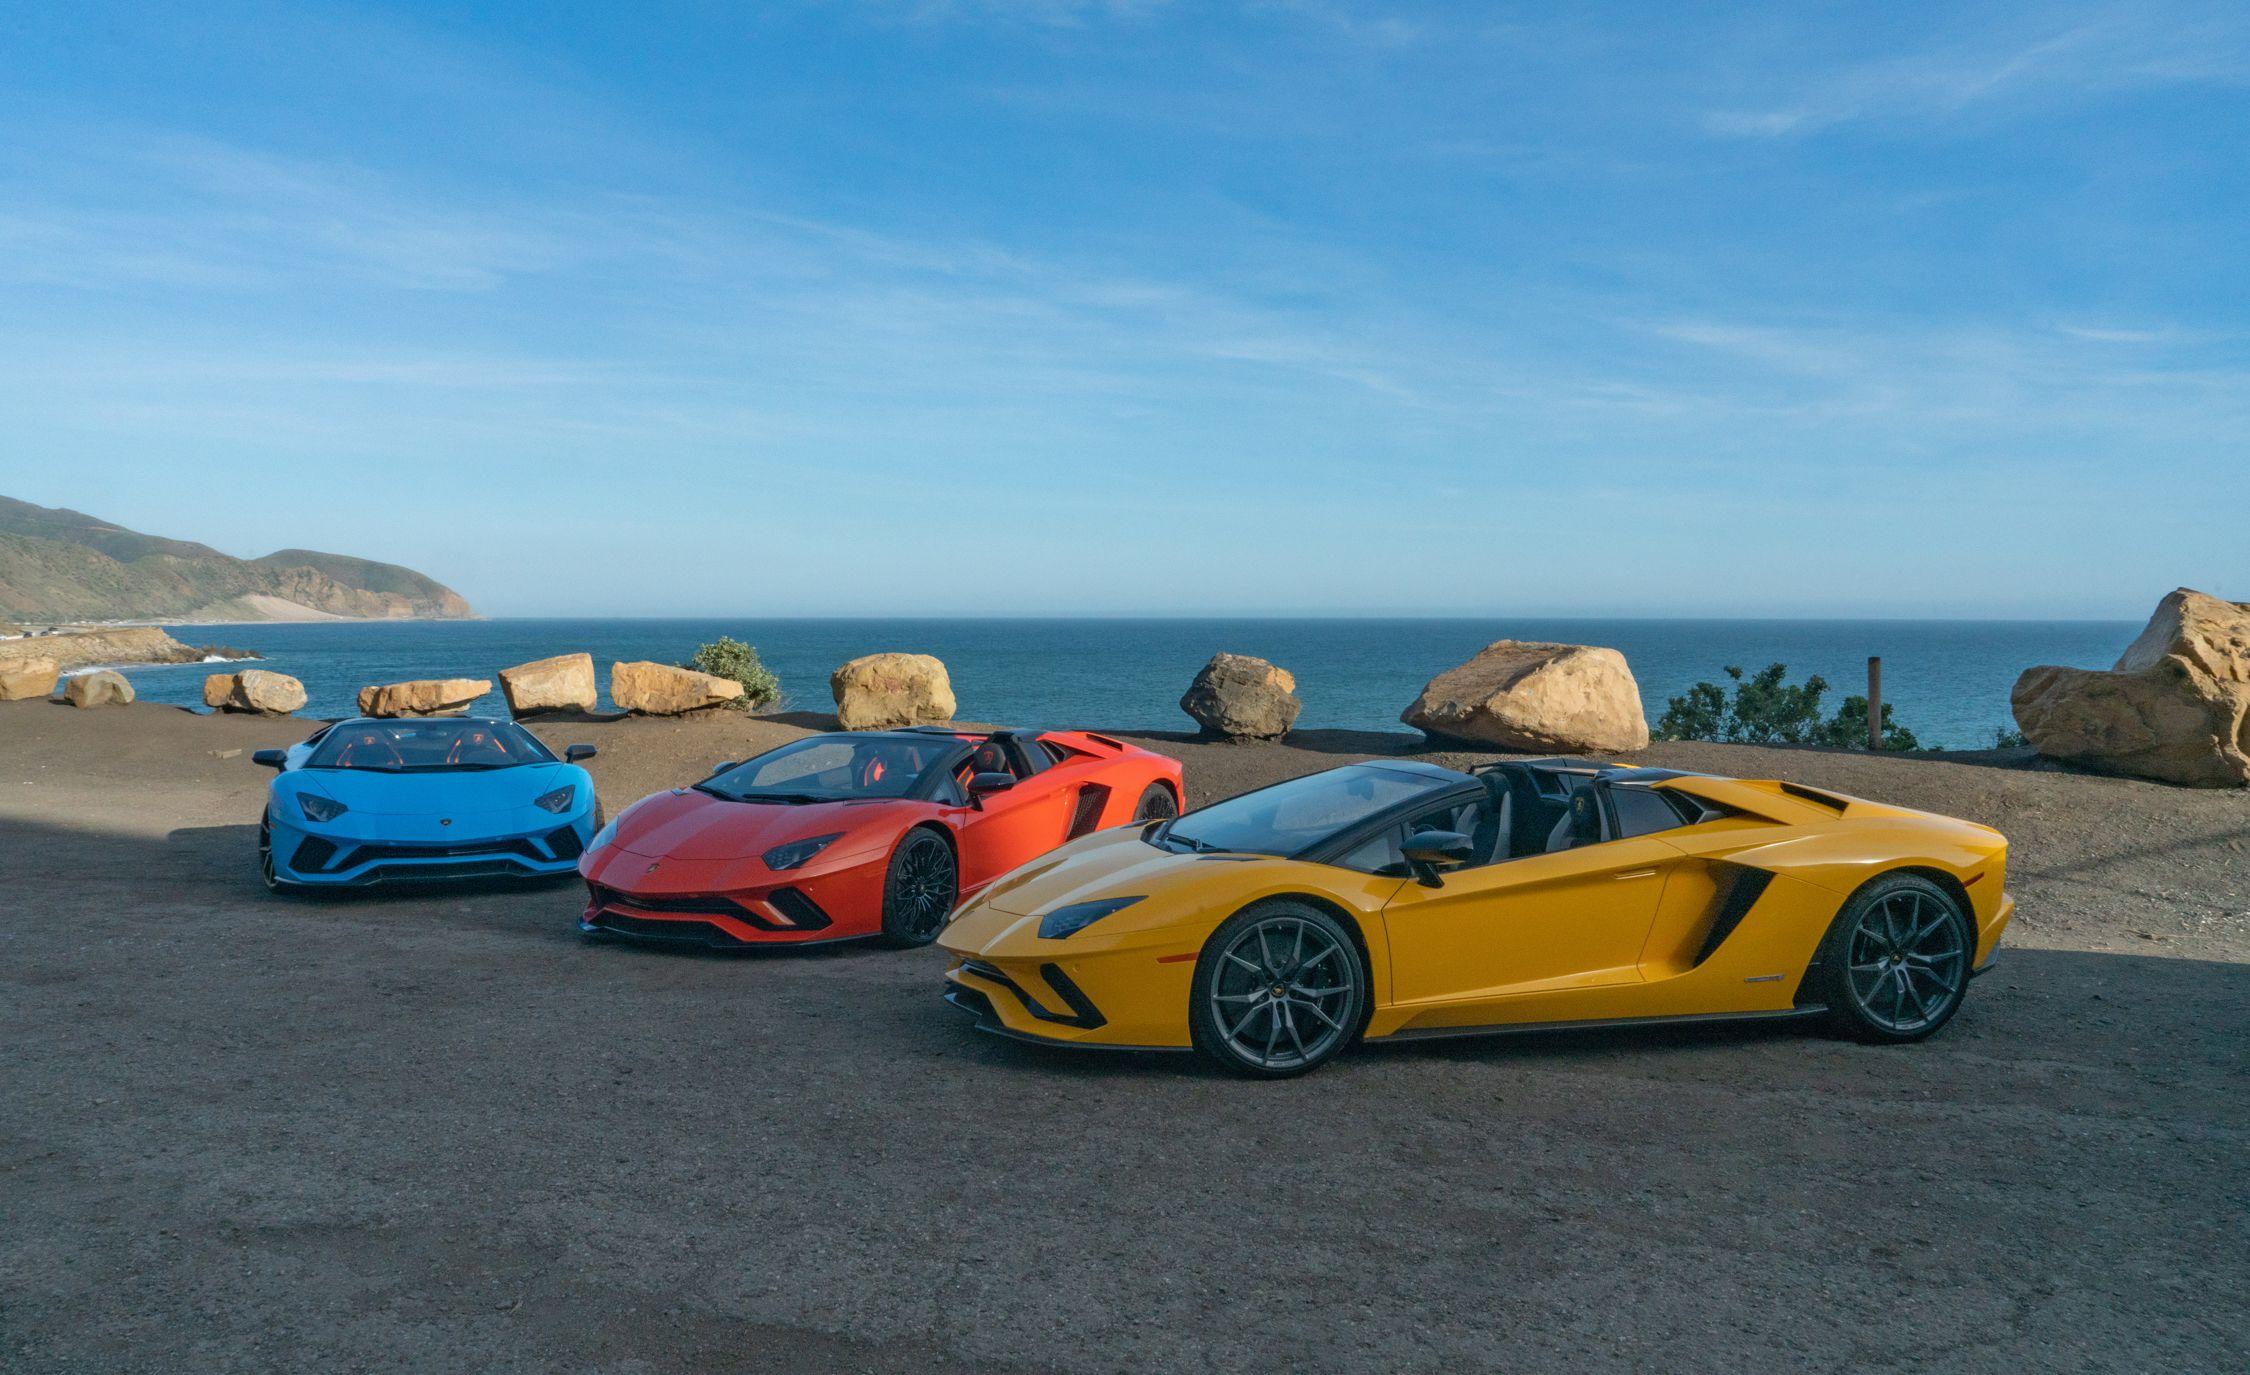 2018 Lamborghini Aventador S Roadster Wallpapers 20